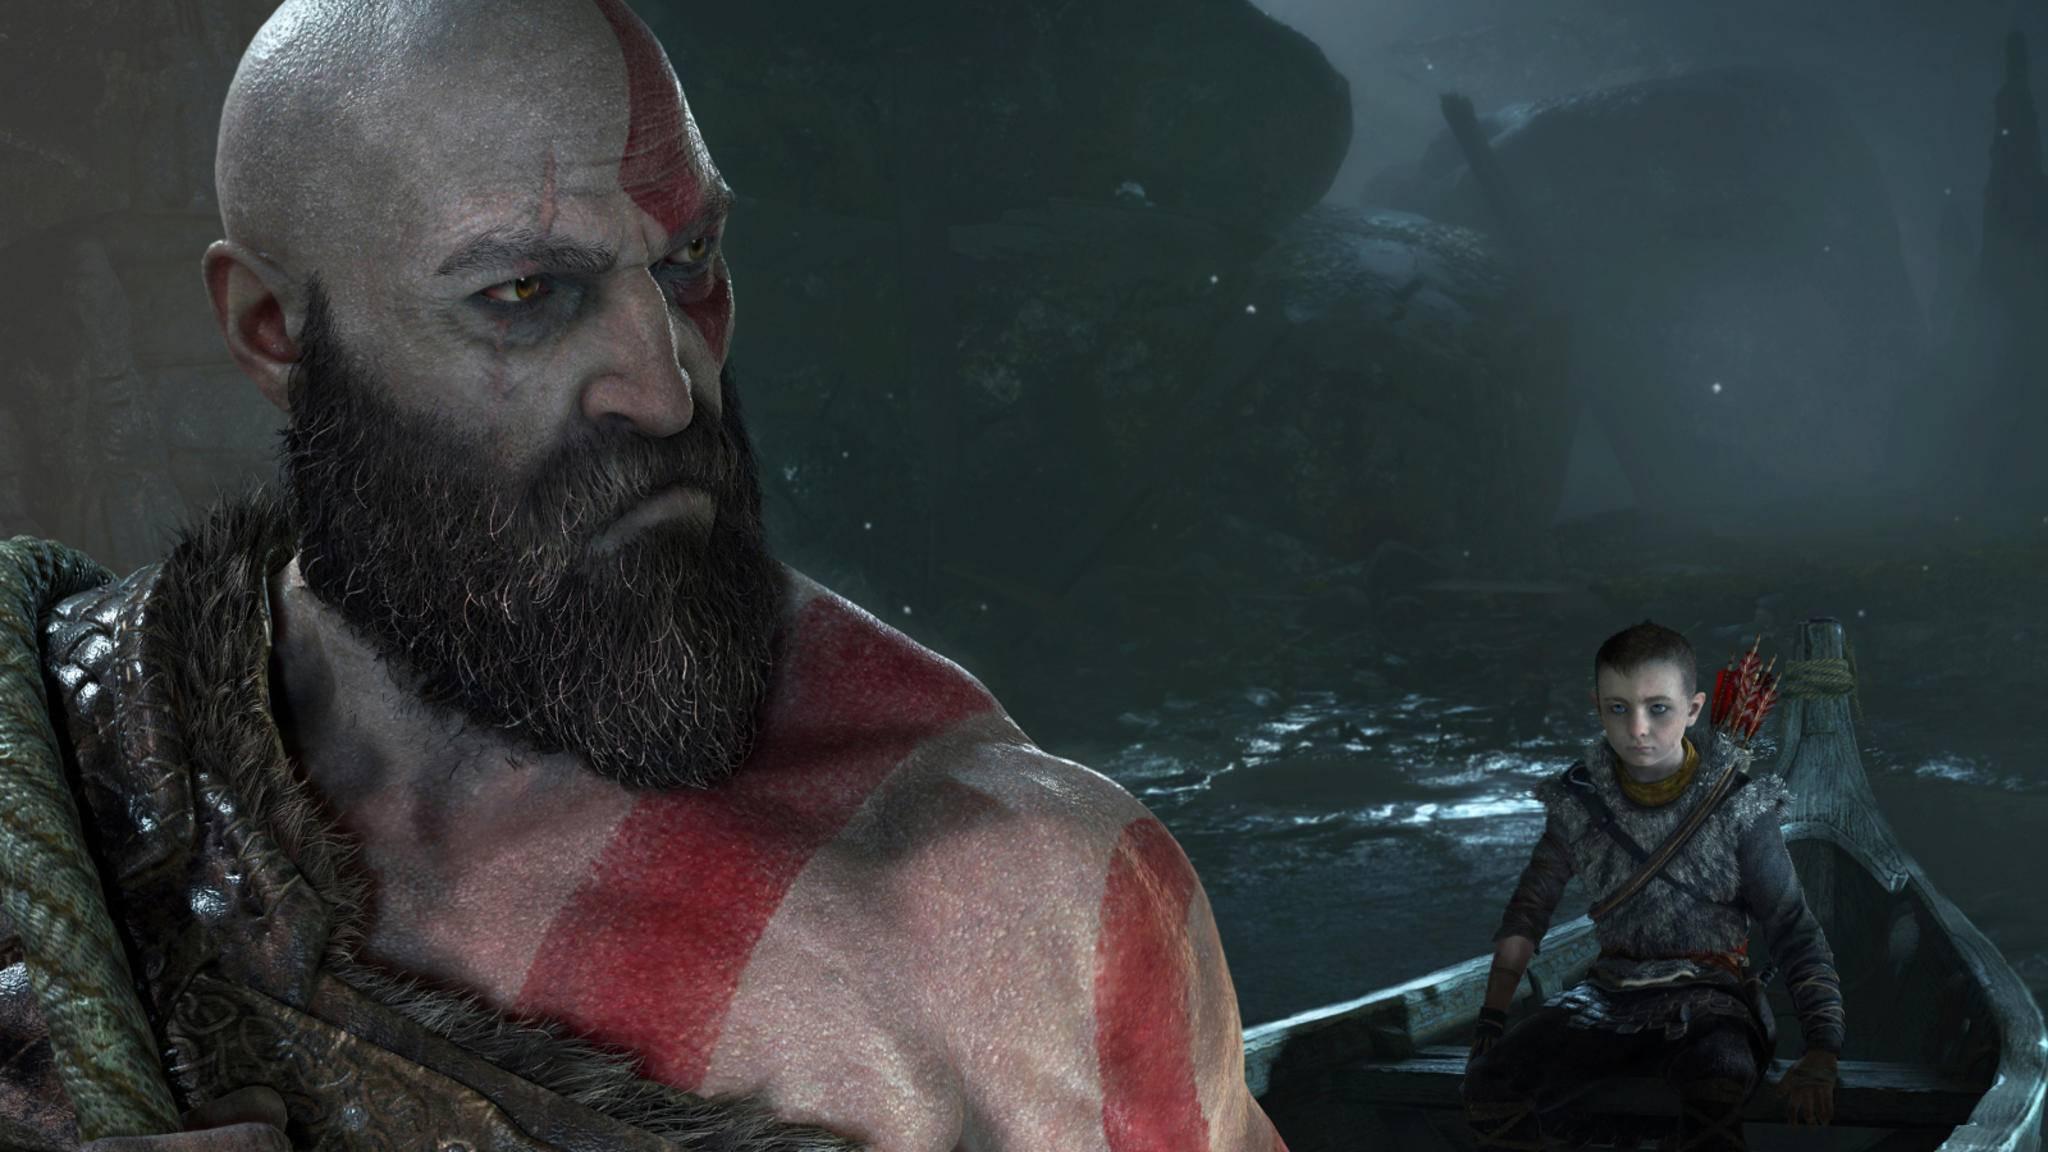 """Kratos taucht im neuen """"God of War"""" tief in die germanische Mythologie ein – und besucht unter anderem das eisige Niflheim."""